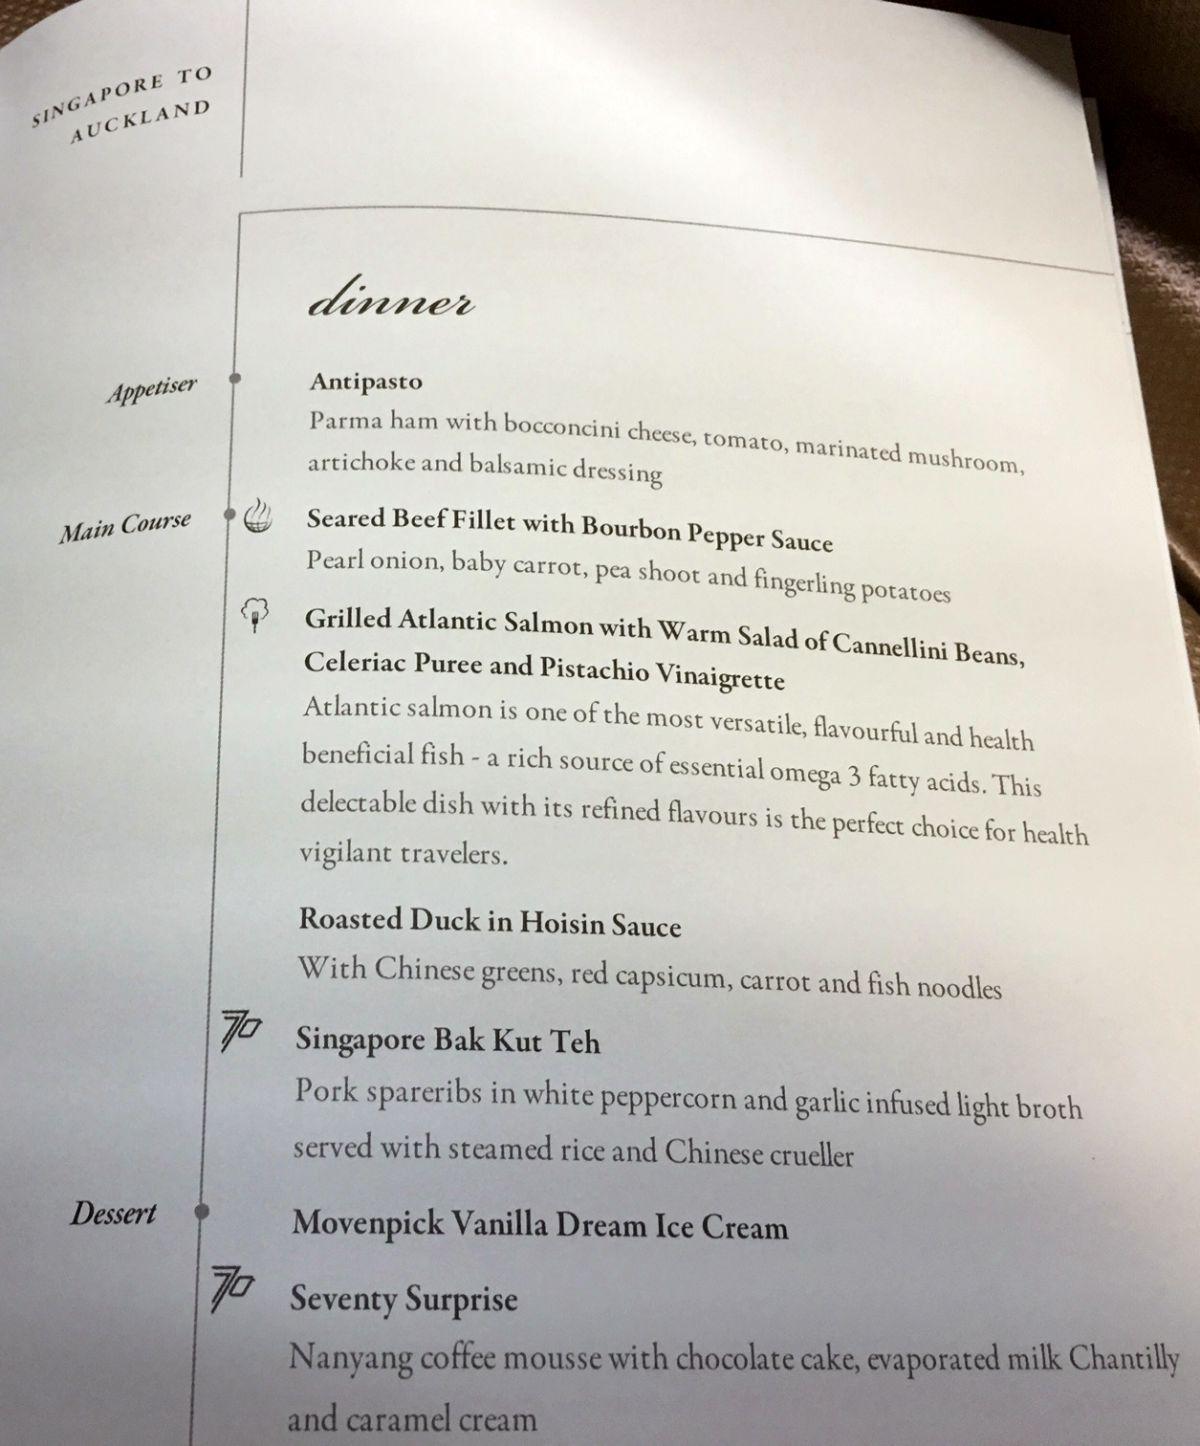 Singapore Airlines Business Class Dinner Menu SIN-AKL